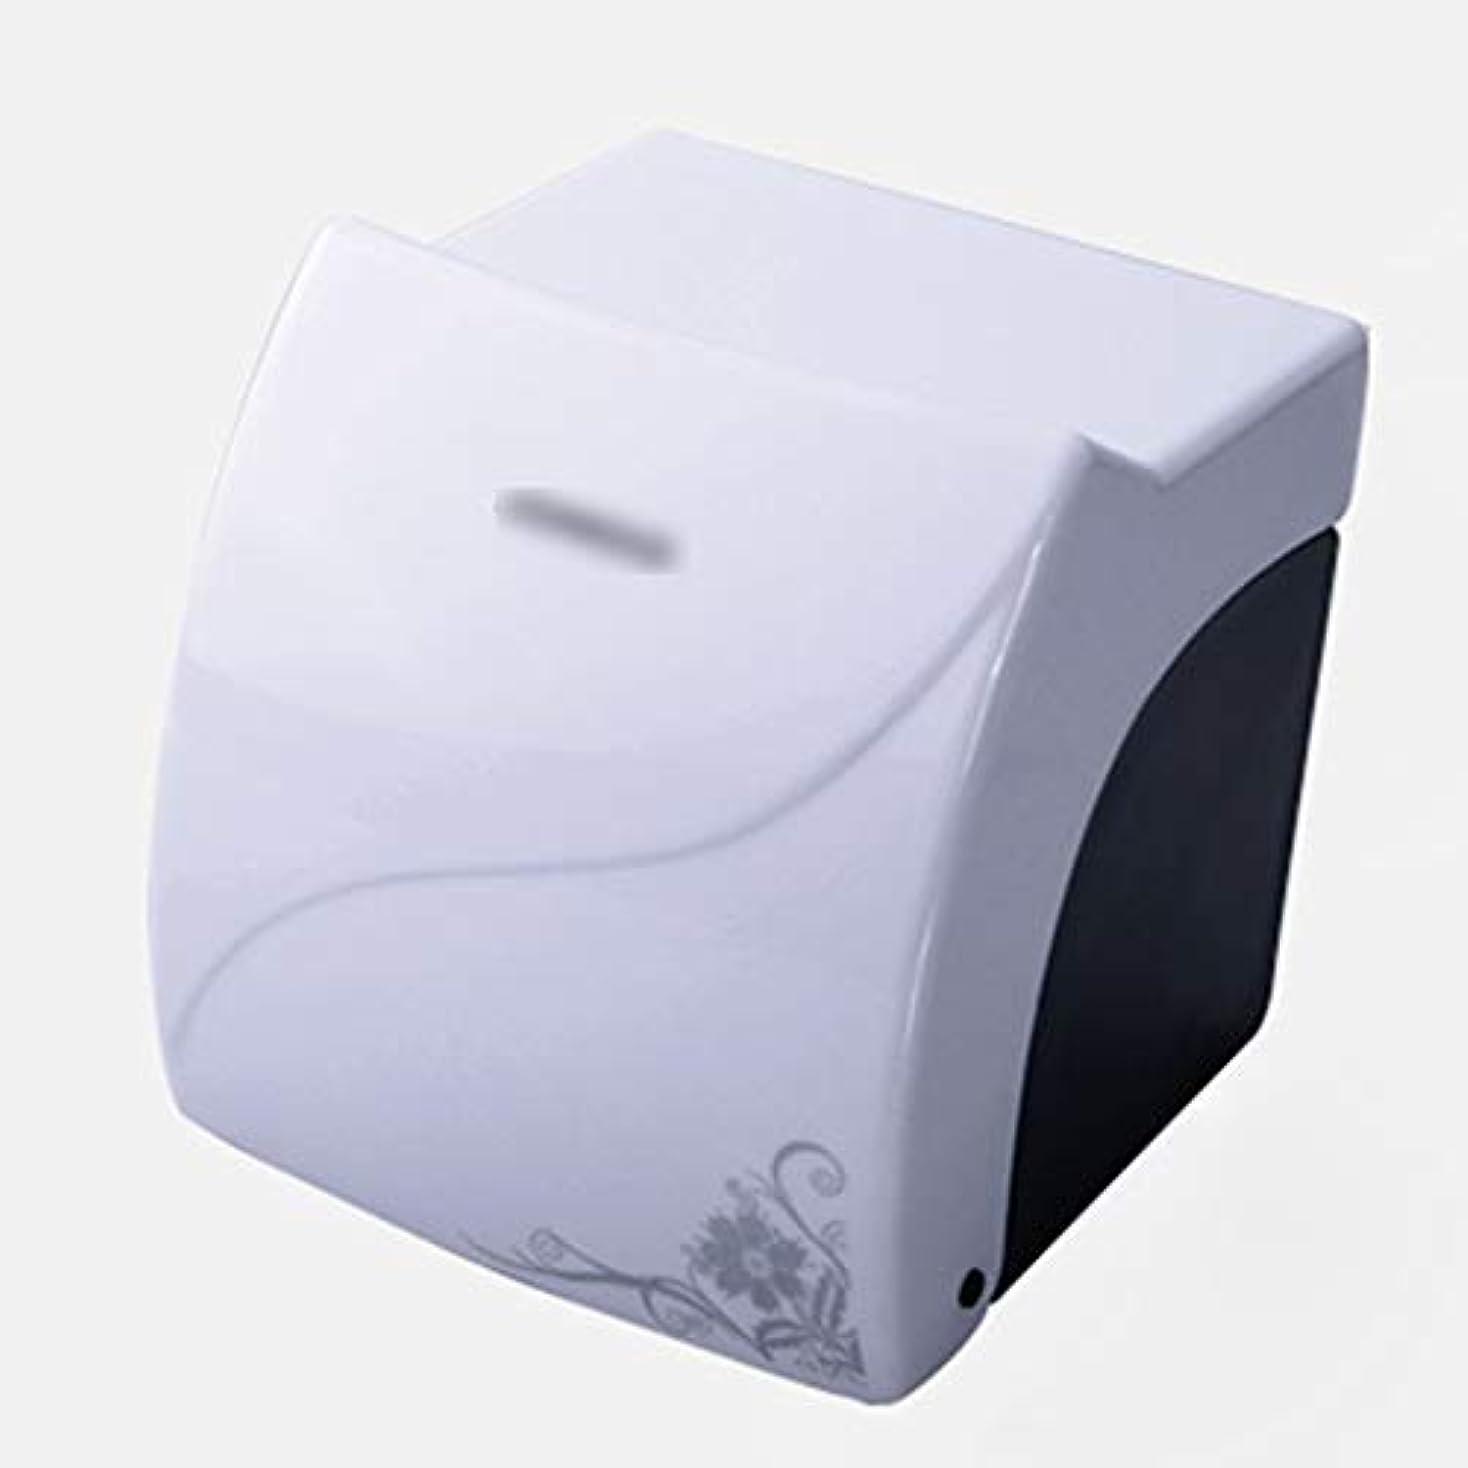 肺前任者うめき声ZZLX 紙タオルホルダー、高品質ABS防水ティッシュボックストイレットペーパーボックスペーパーホルダー ロングハンドル風呂ブラシ